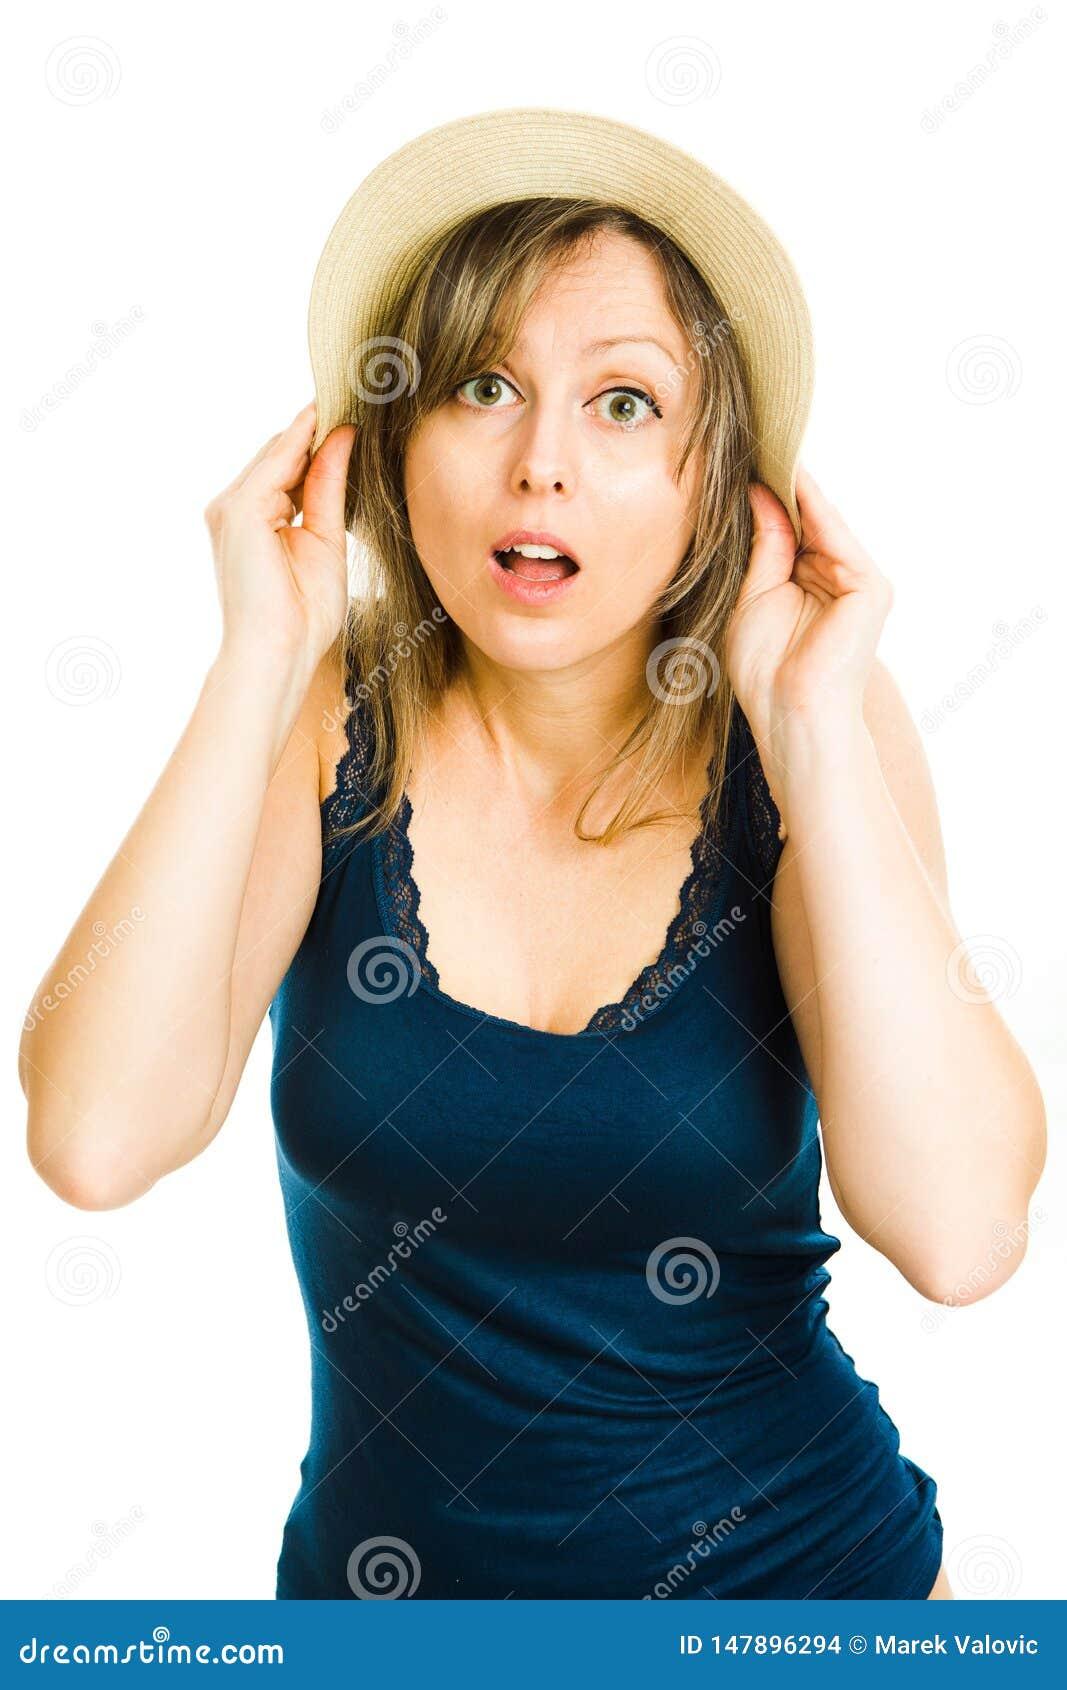 Turista rubio del verano de la mujer con el sombrero que lleva la camiseta azul